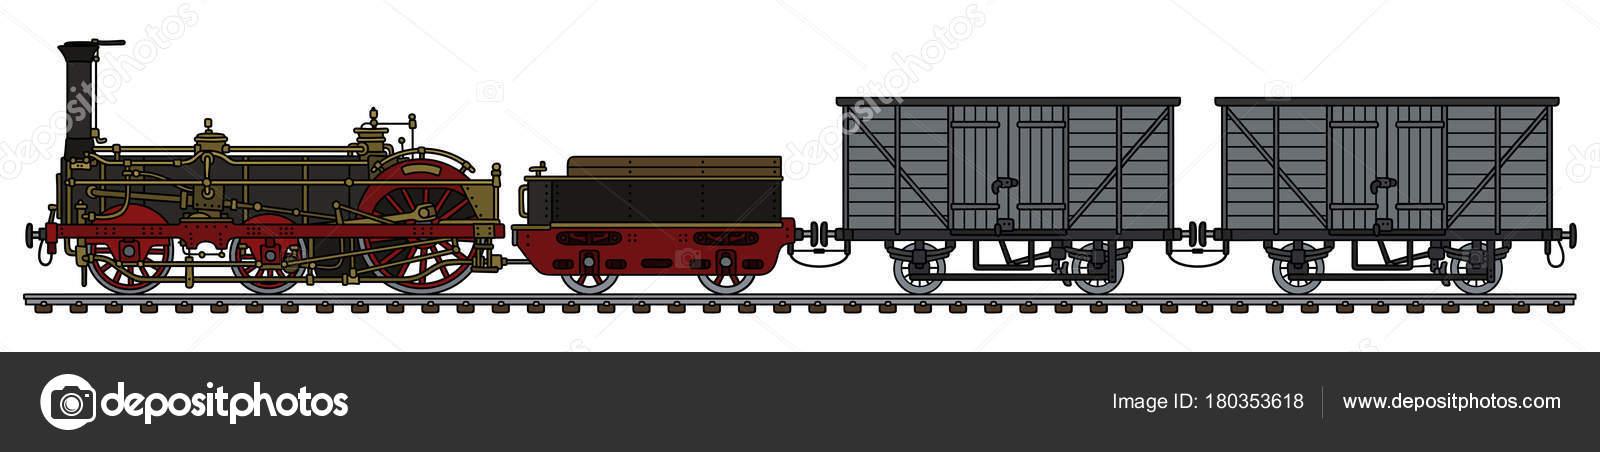 Main dessin train vapeur historique fret image - Dessin train et wagon ...